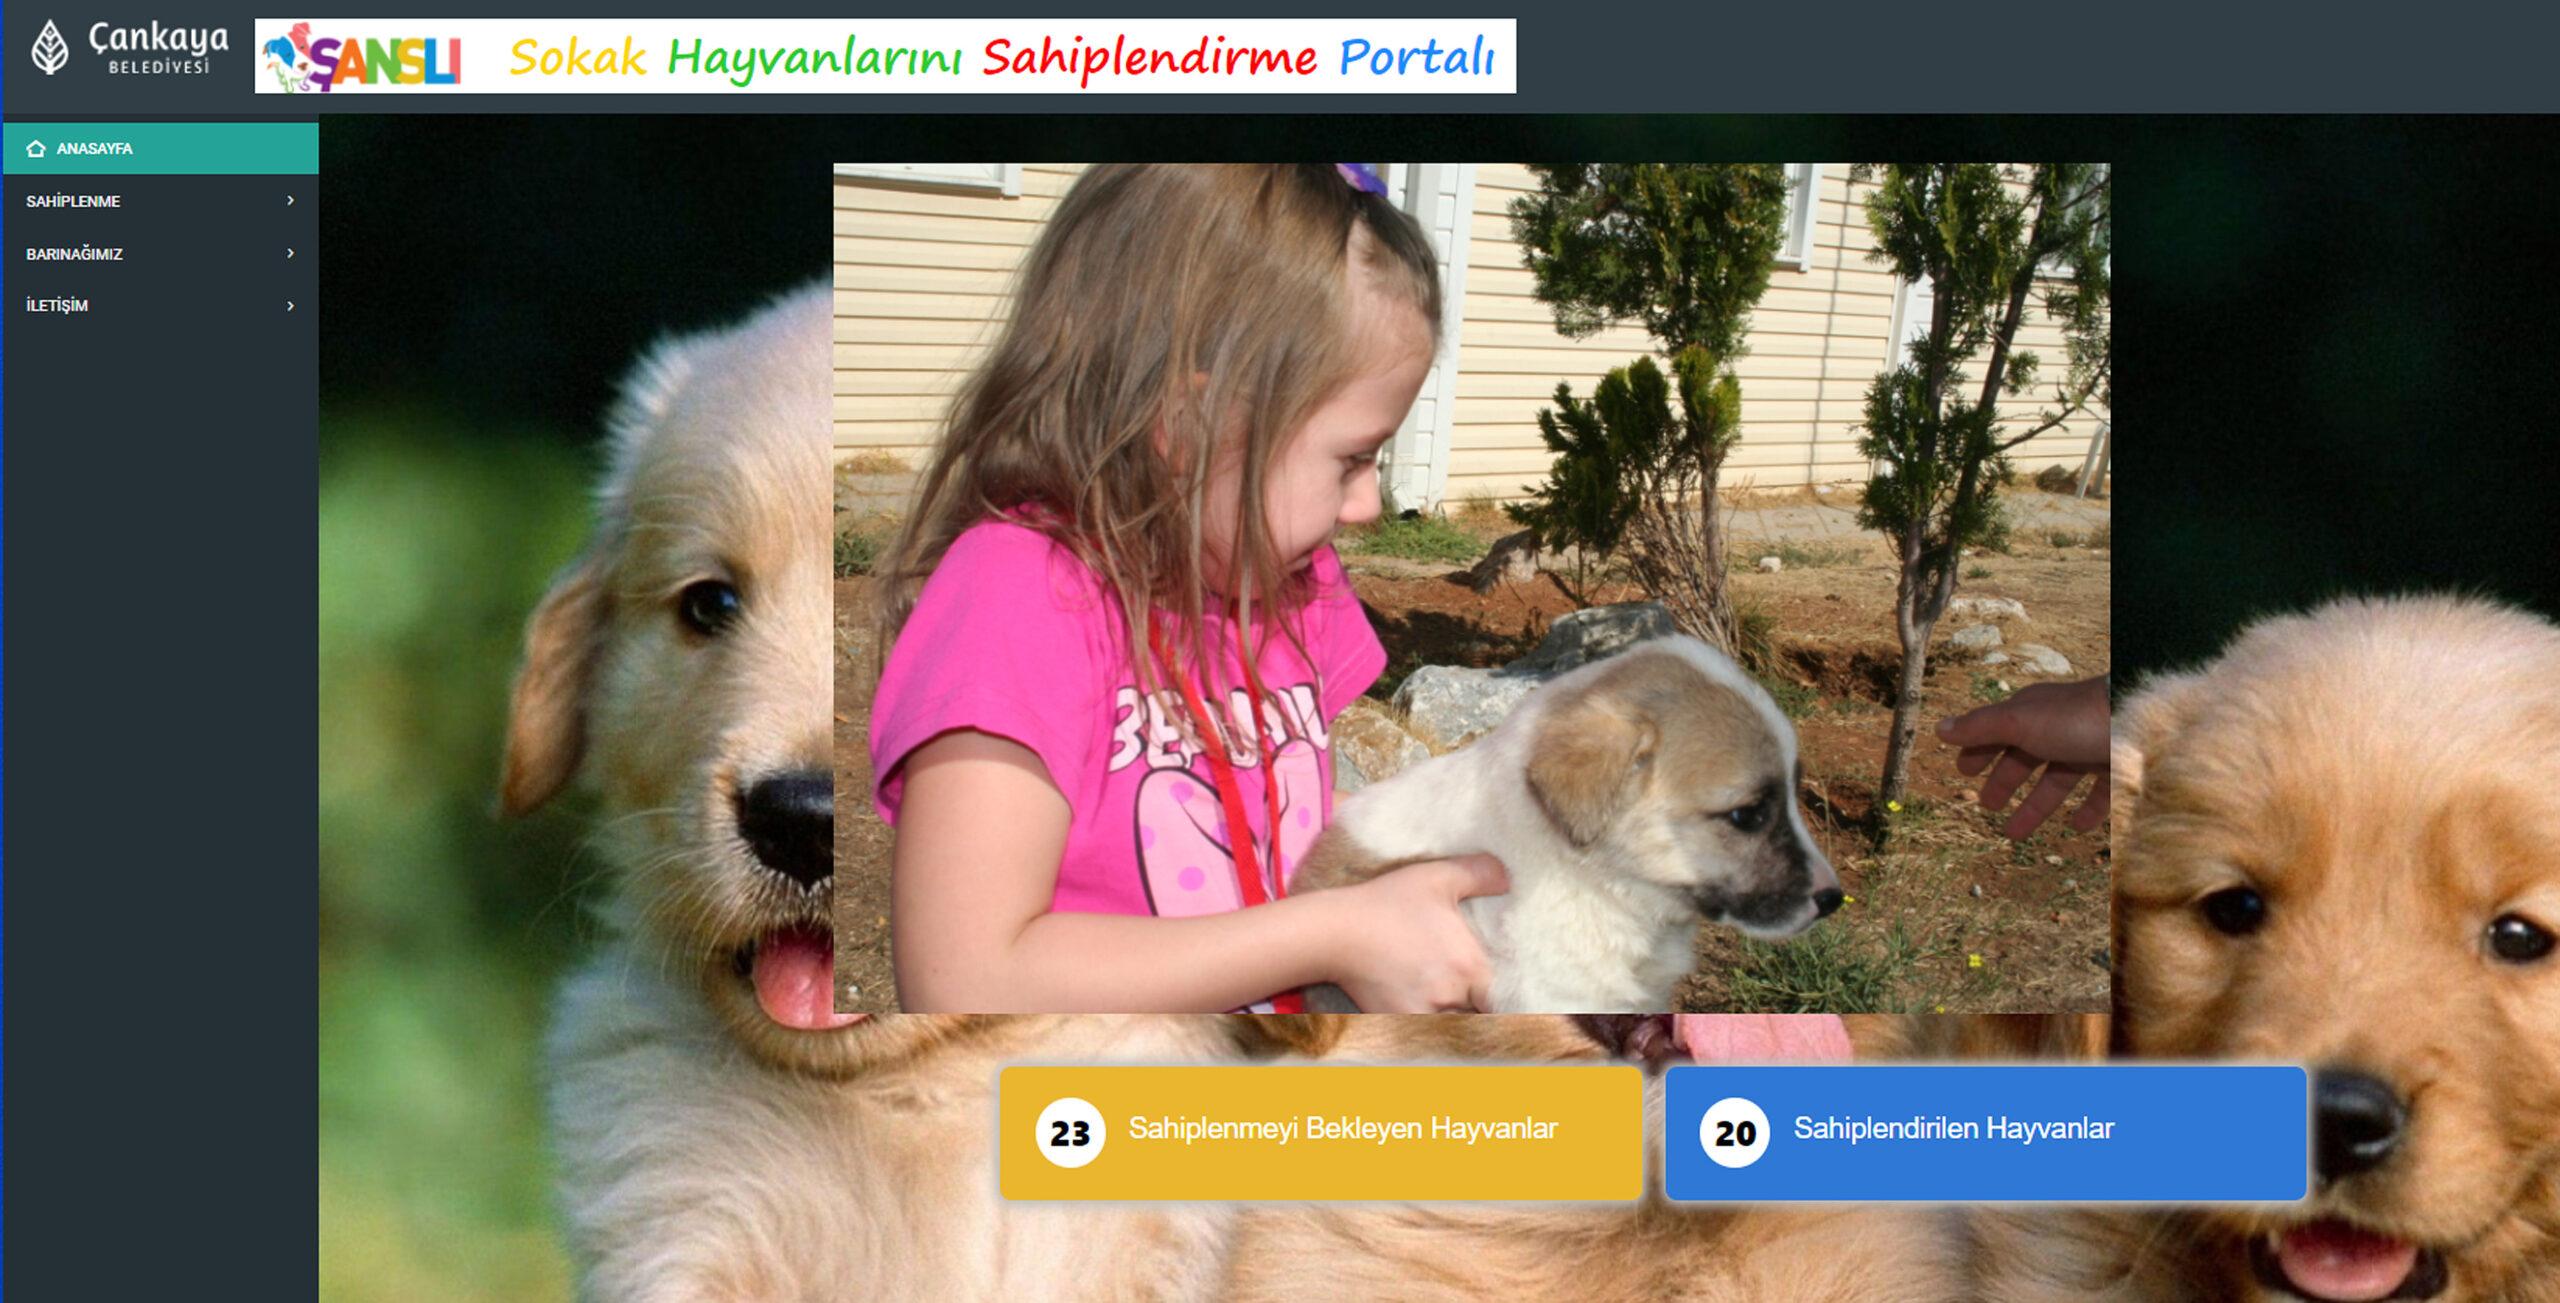 Çankaya Belediyesi, Sokak Hayvanlarını Sahiplendirmek İçin Portal Oluşturdu